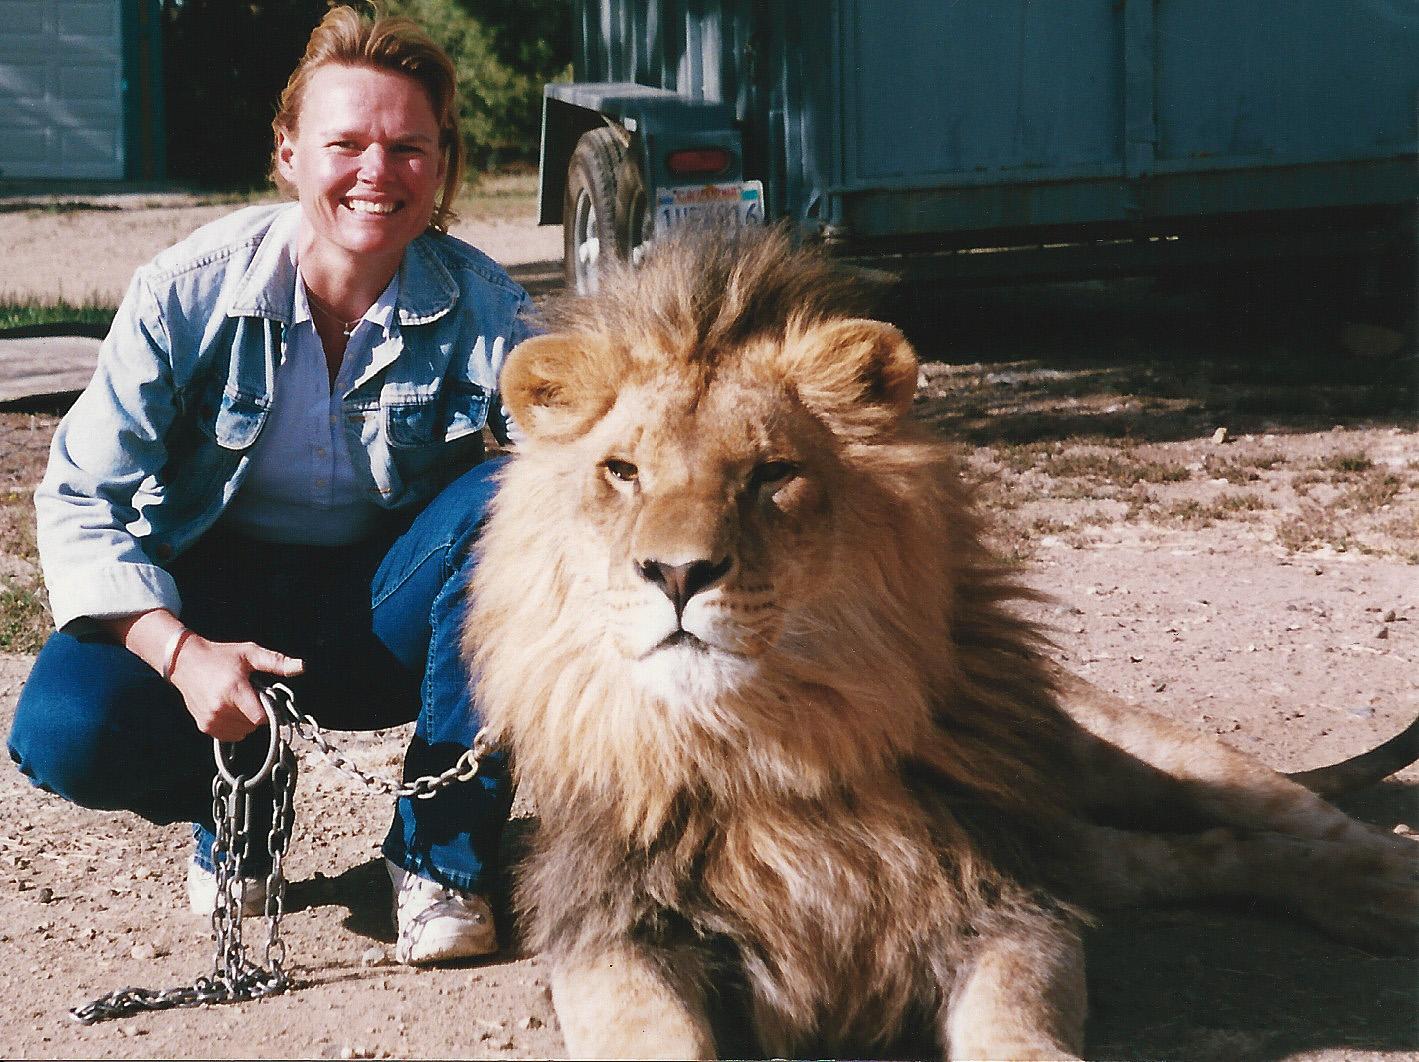 Kirsko Film Animals Kirstin Feddersen and African Lion 1419x1062px.jpg